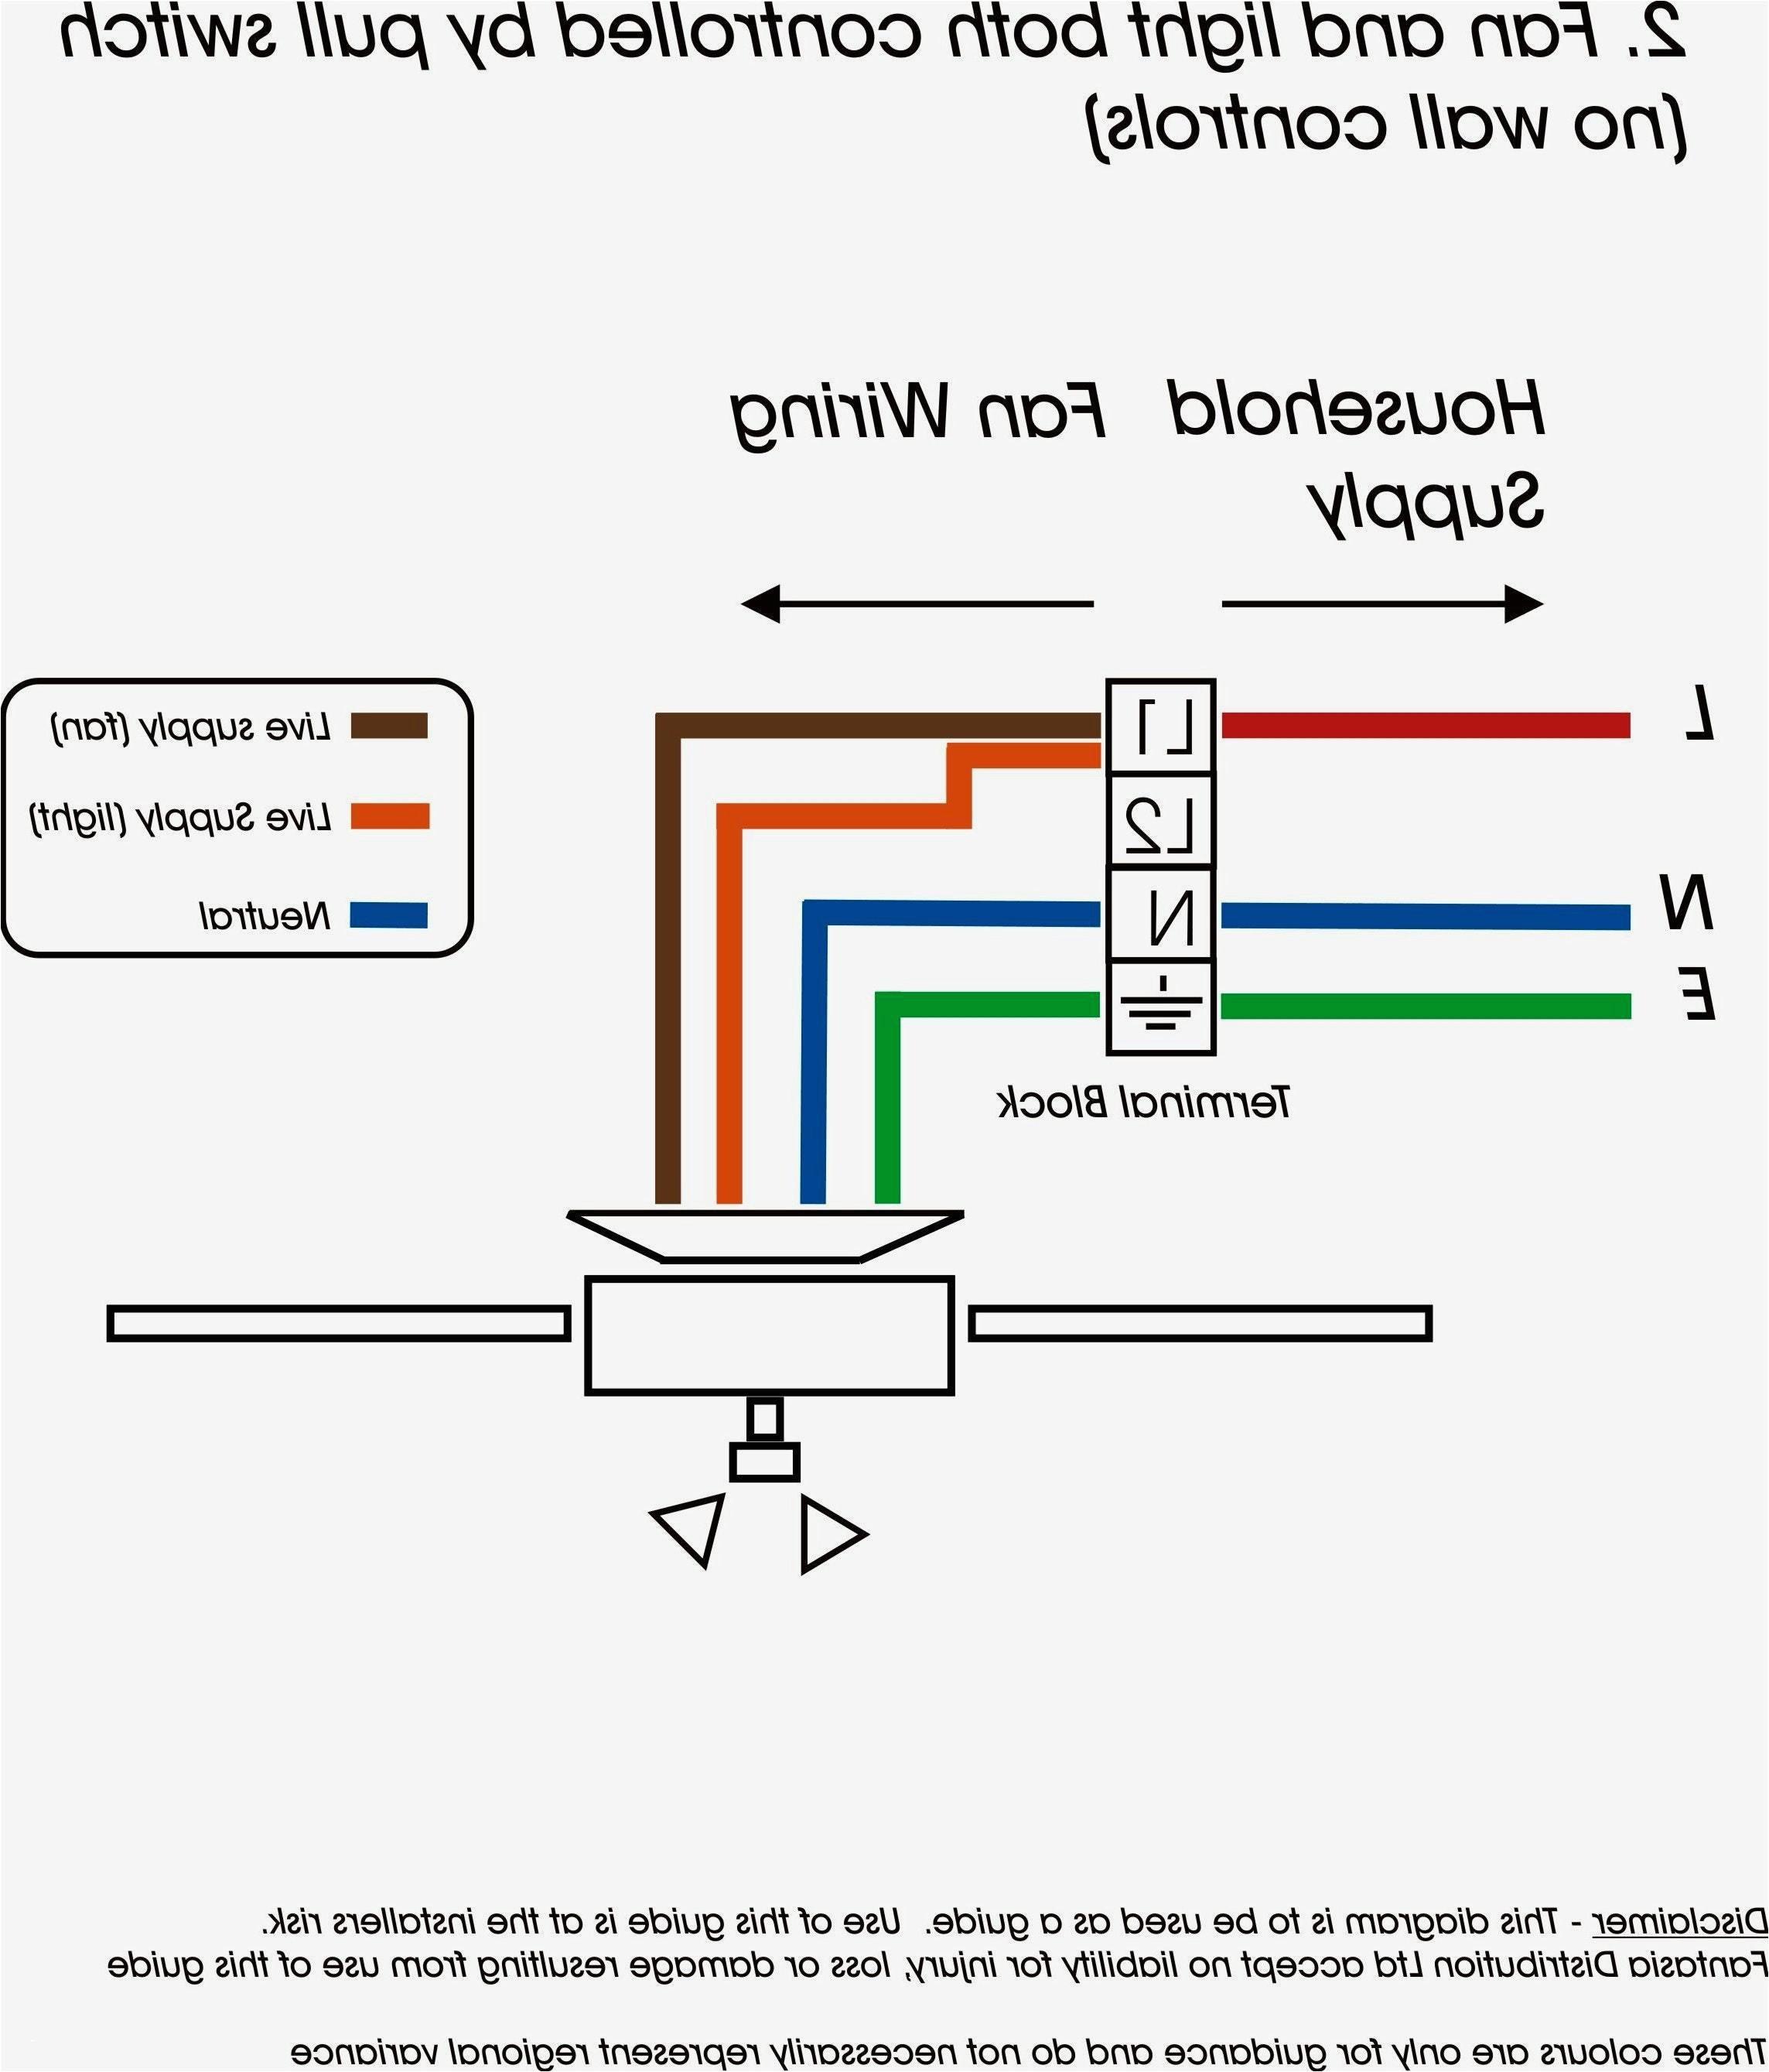 potentiometer wiring diagram lovely blend pot wiring diagram reference guitar wiring diagrams ipphil